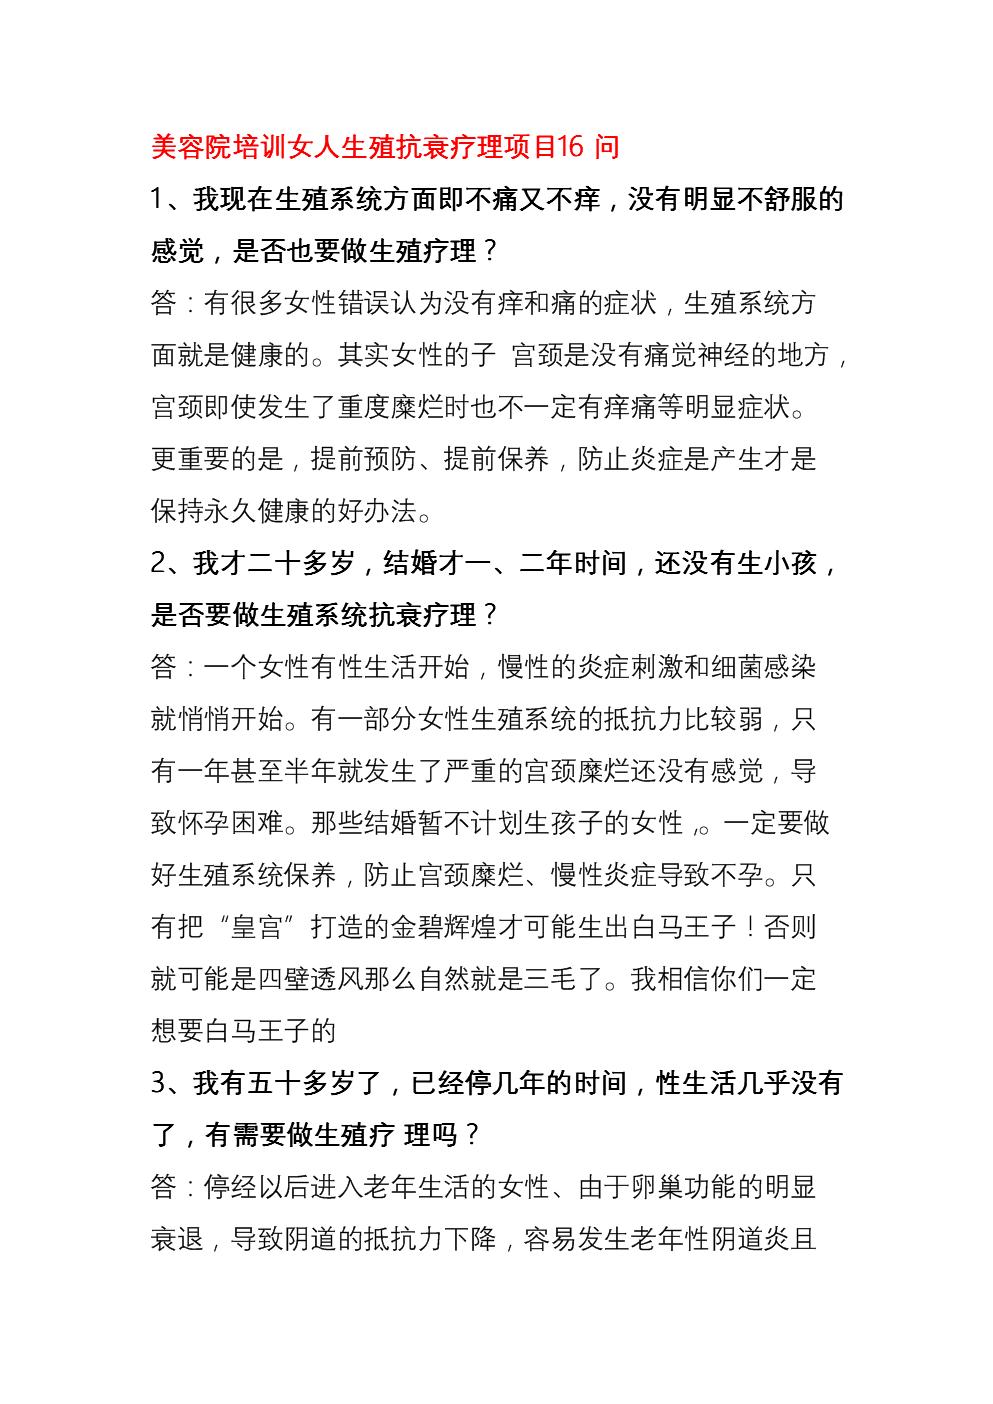 美容院培训女人生殖抗衰疗理项目16问.docx